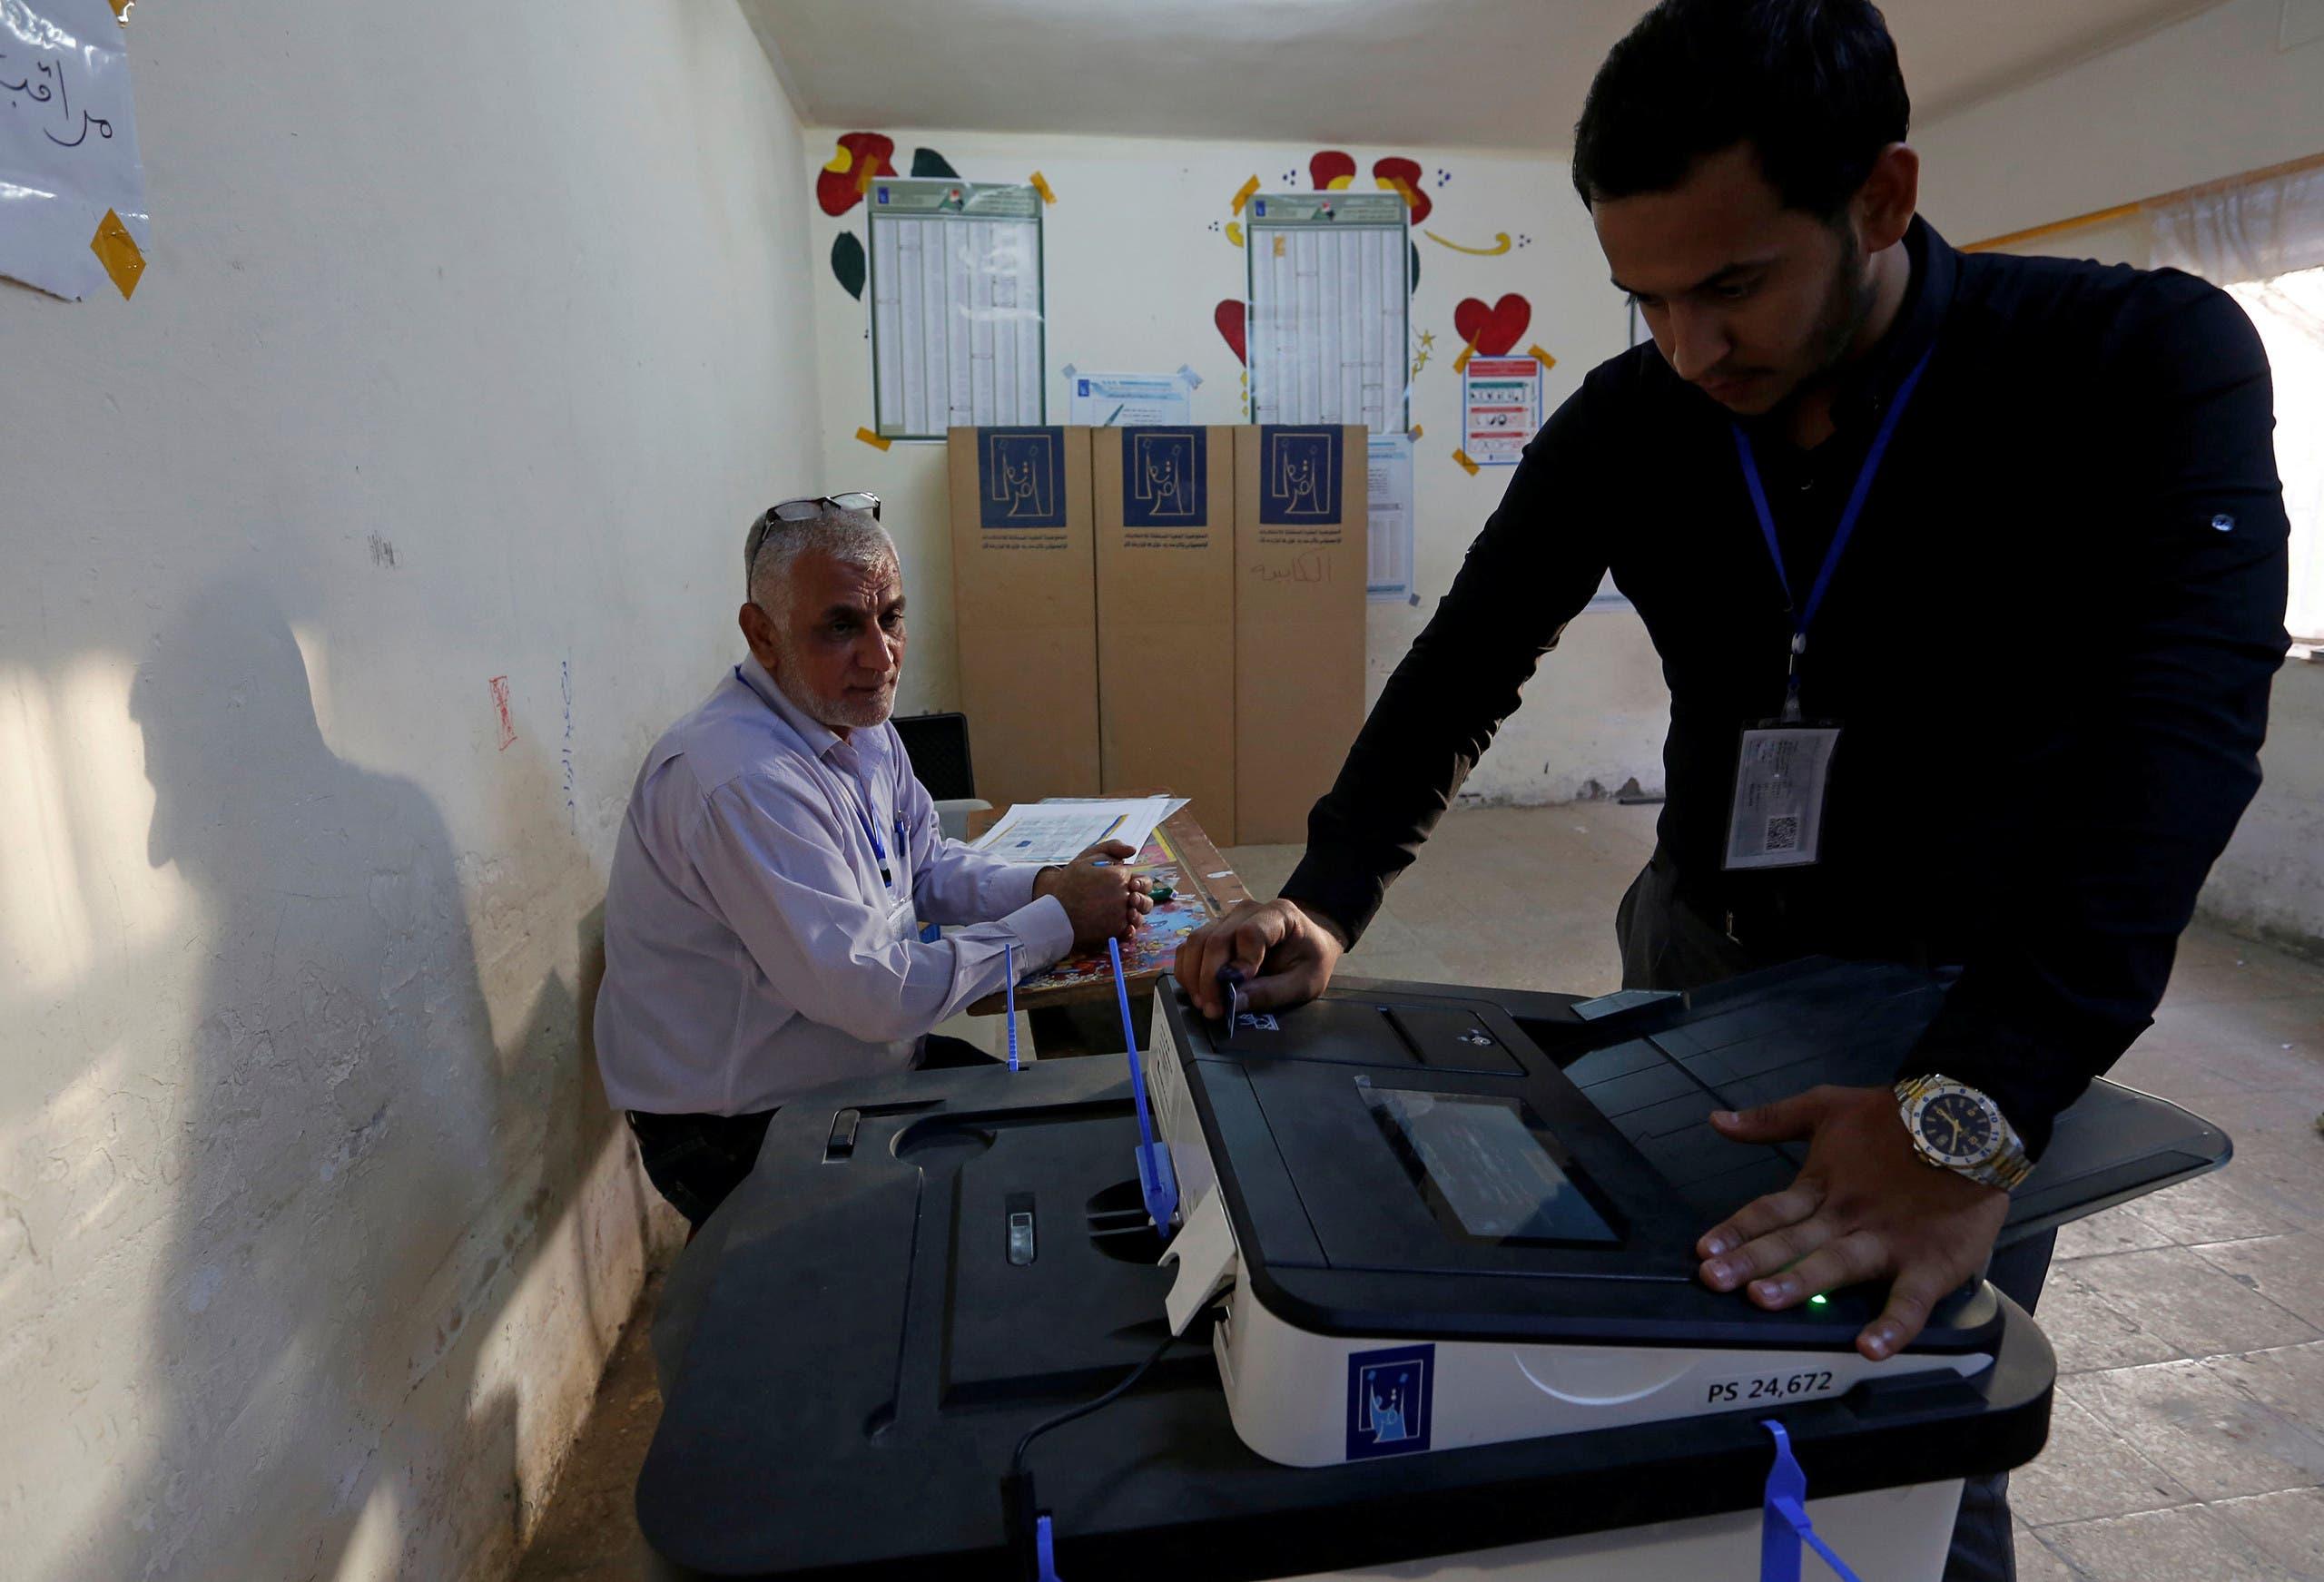 من الانتخابات الماضية التي شهدها العراقي في 2018 (أرشيفية)